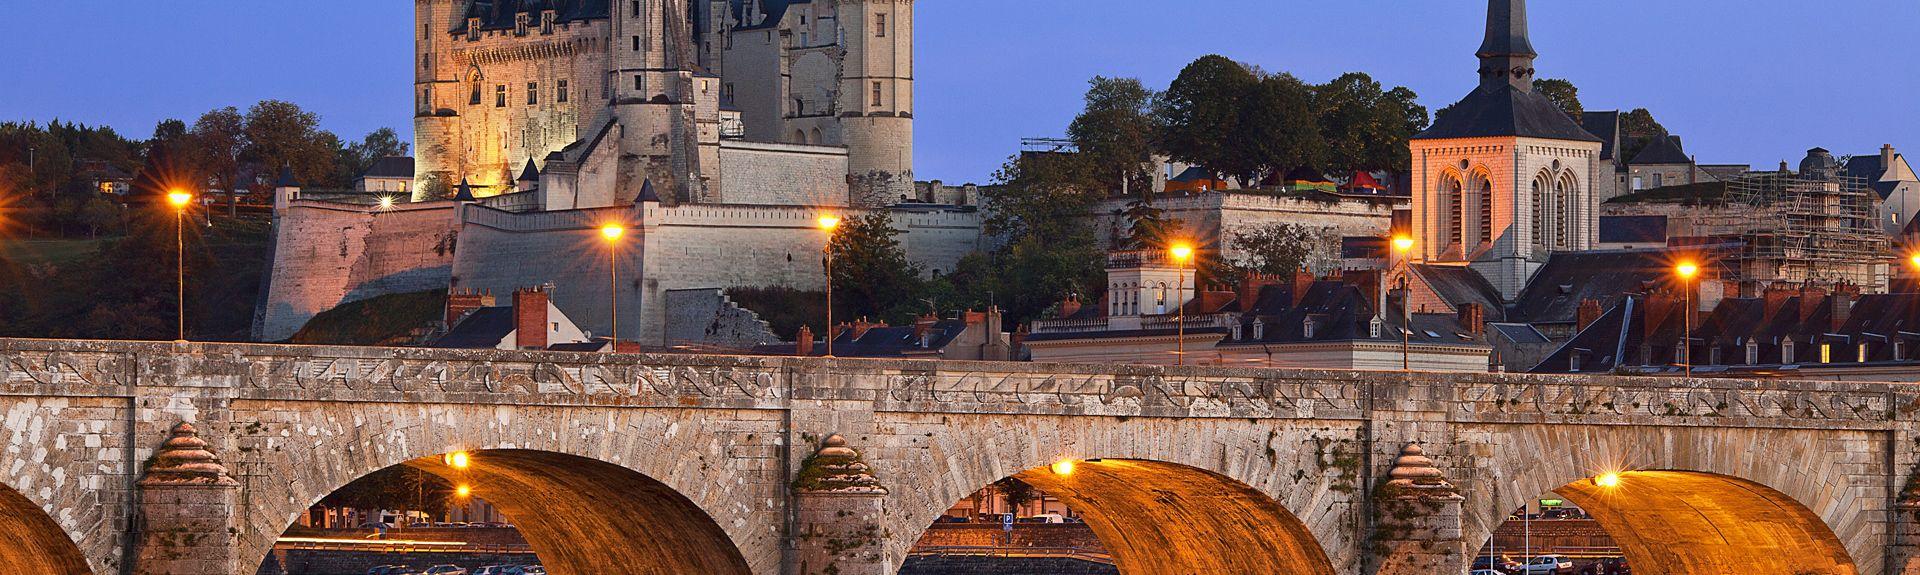 Place du Ralliement, Angers, France